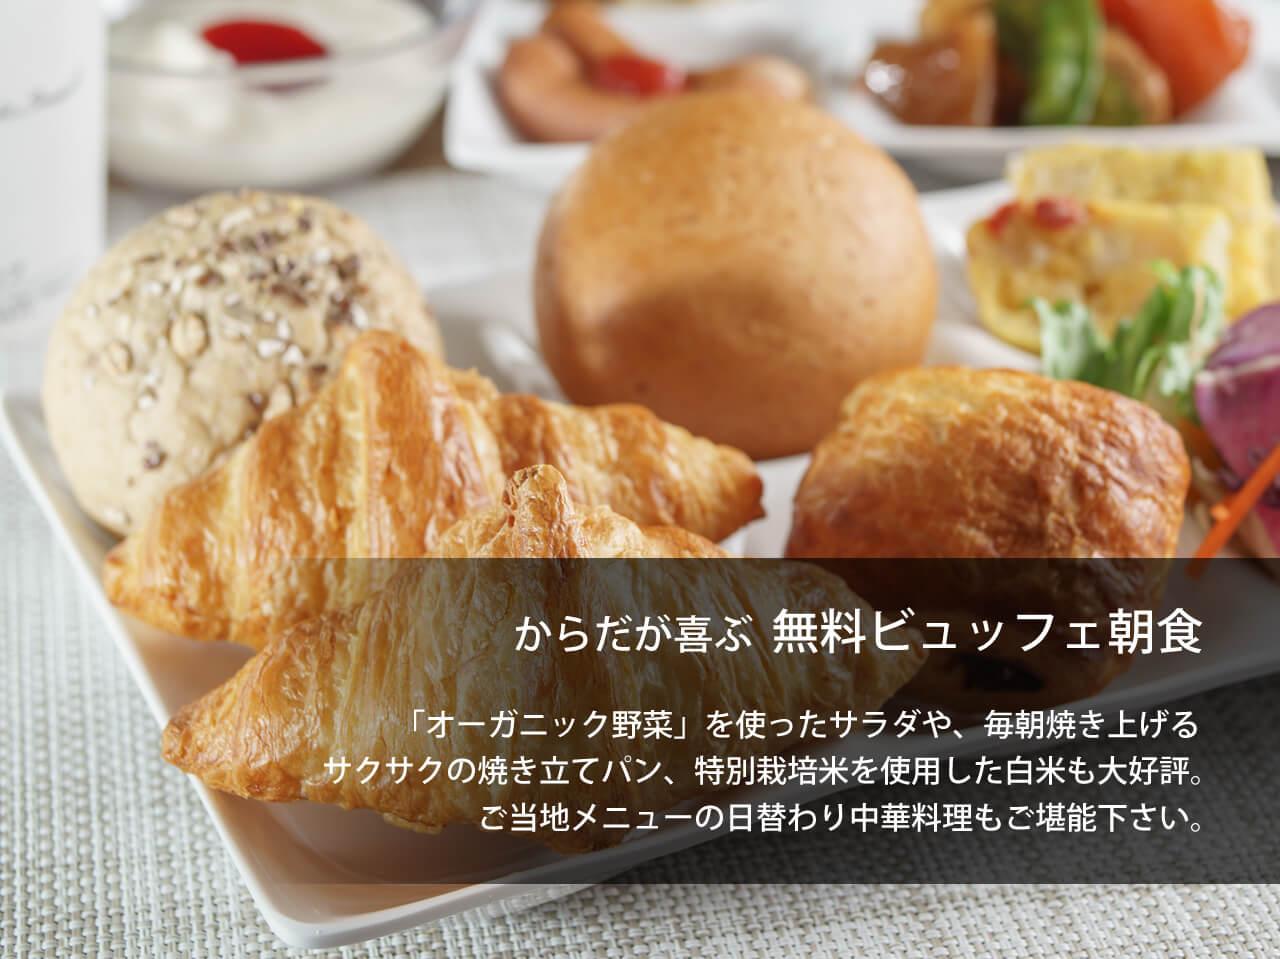 Super Hotel Yokohama / Kannai